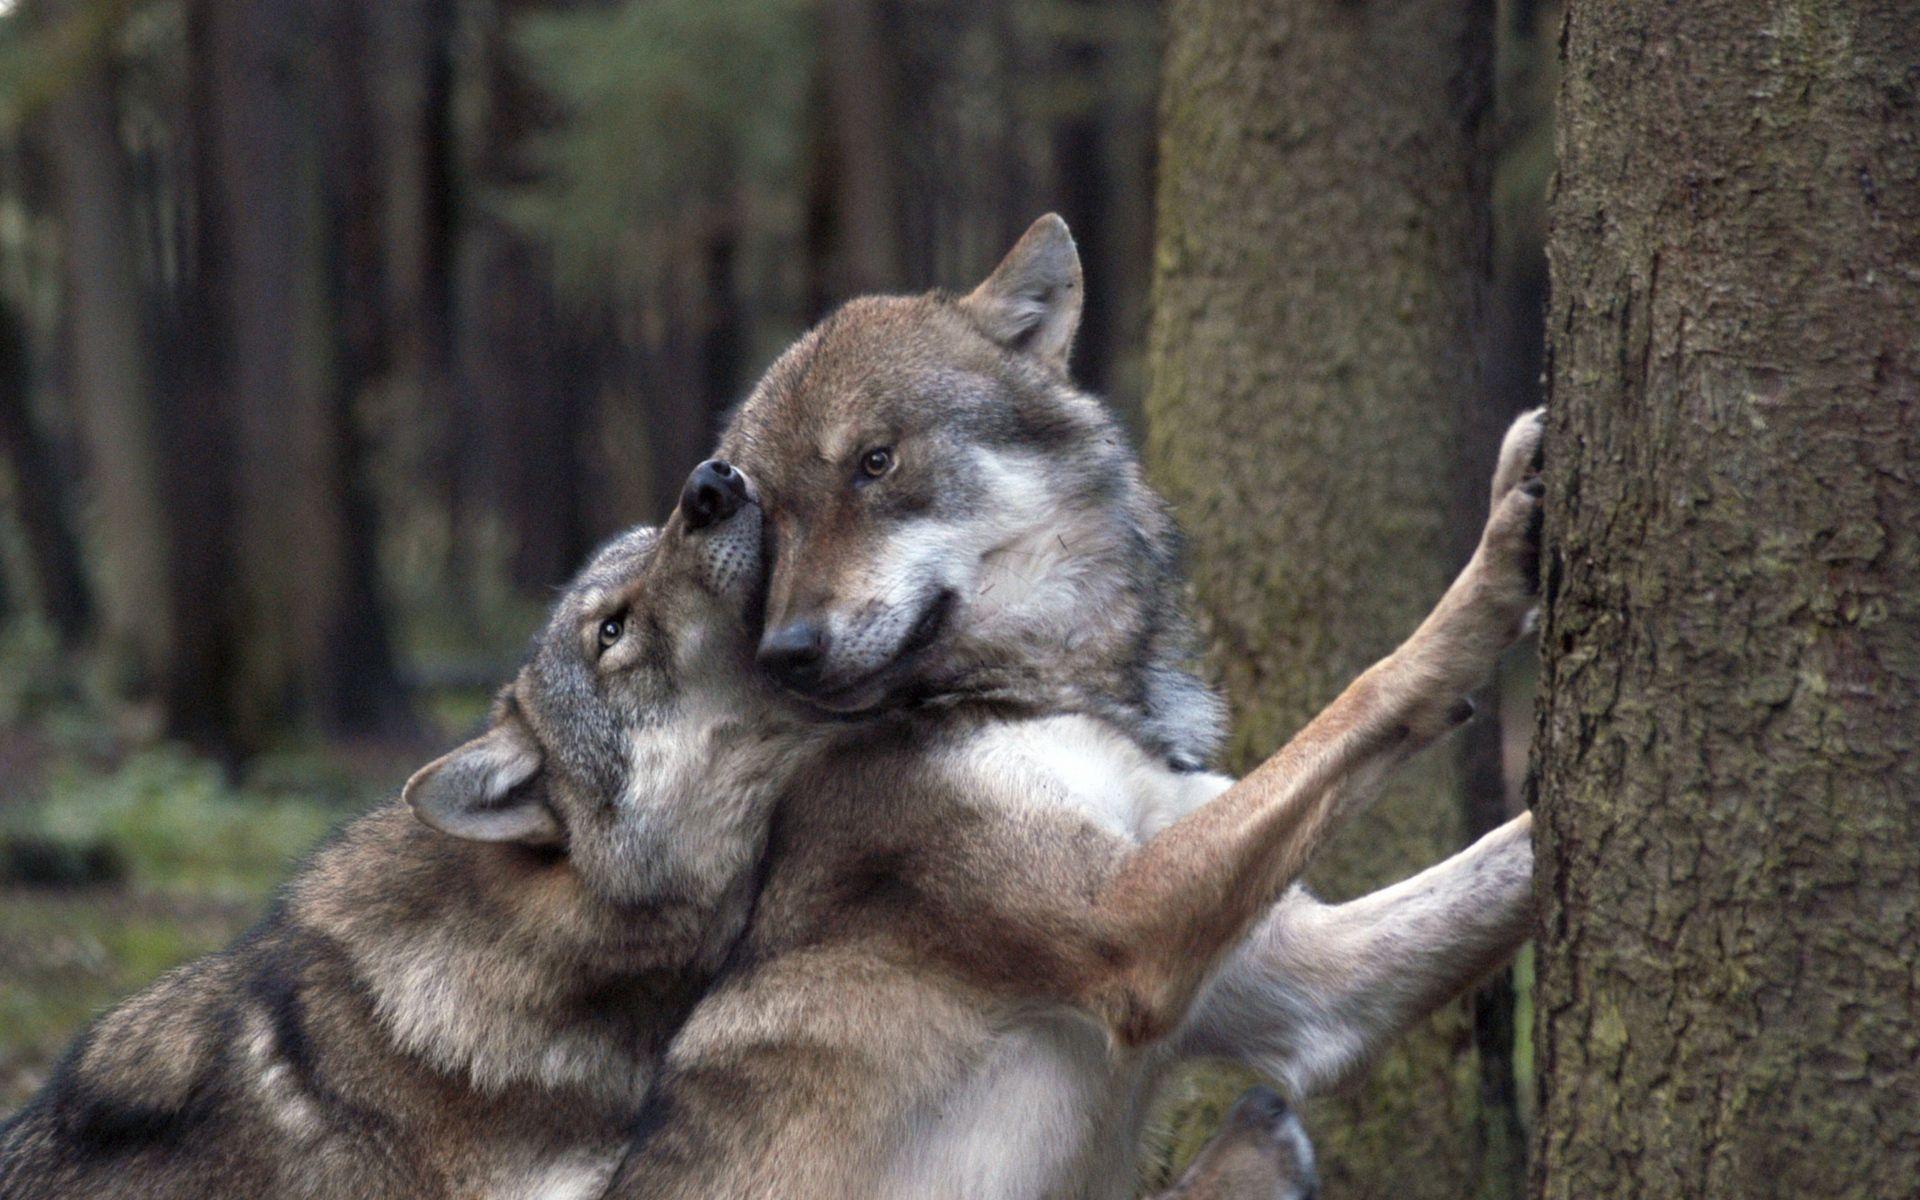 1920x1200 Wolves trong tình yêu - Tải xuống hình nền HD.  Hình nền, hình ảnh, ảnh